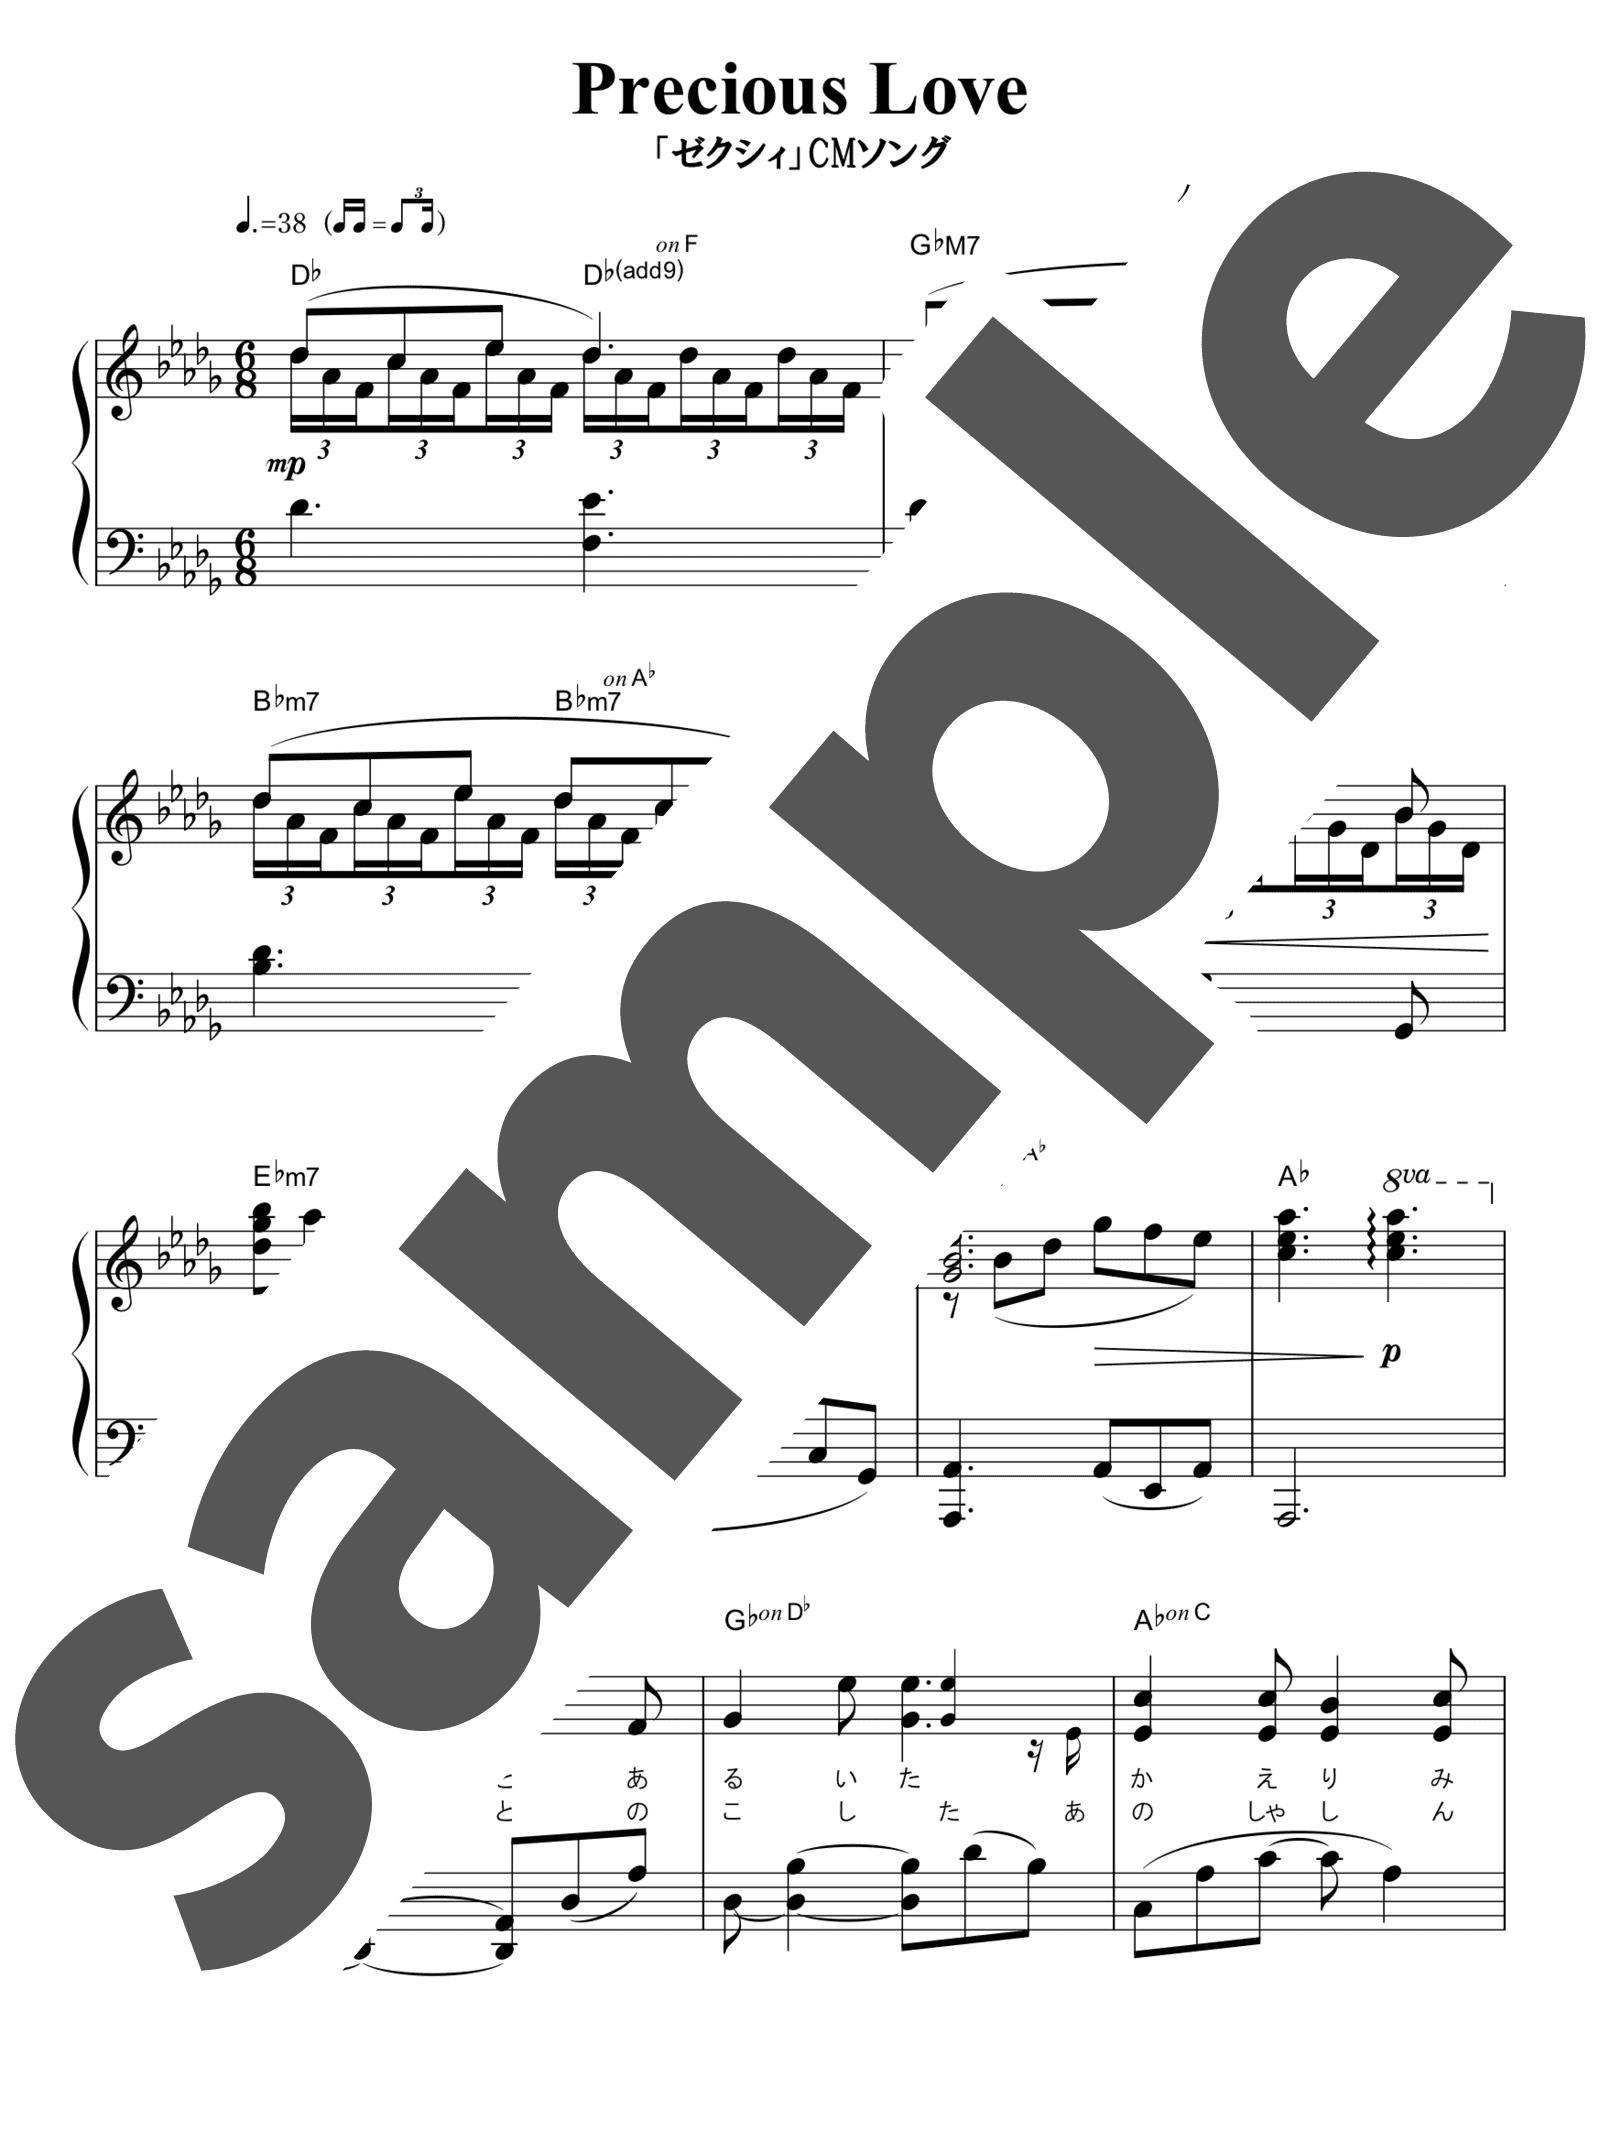 「Precious Love」のサンプル楽譜